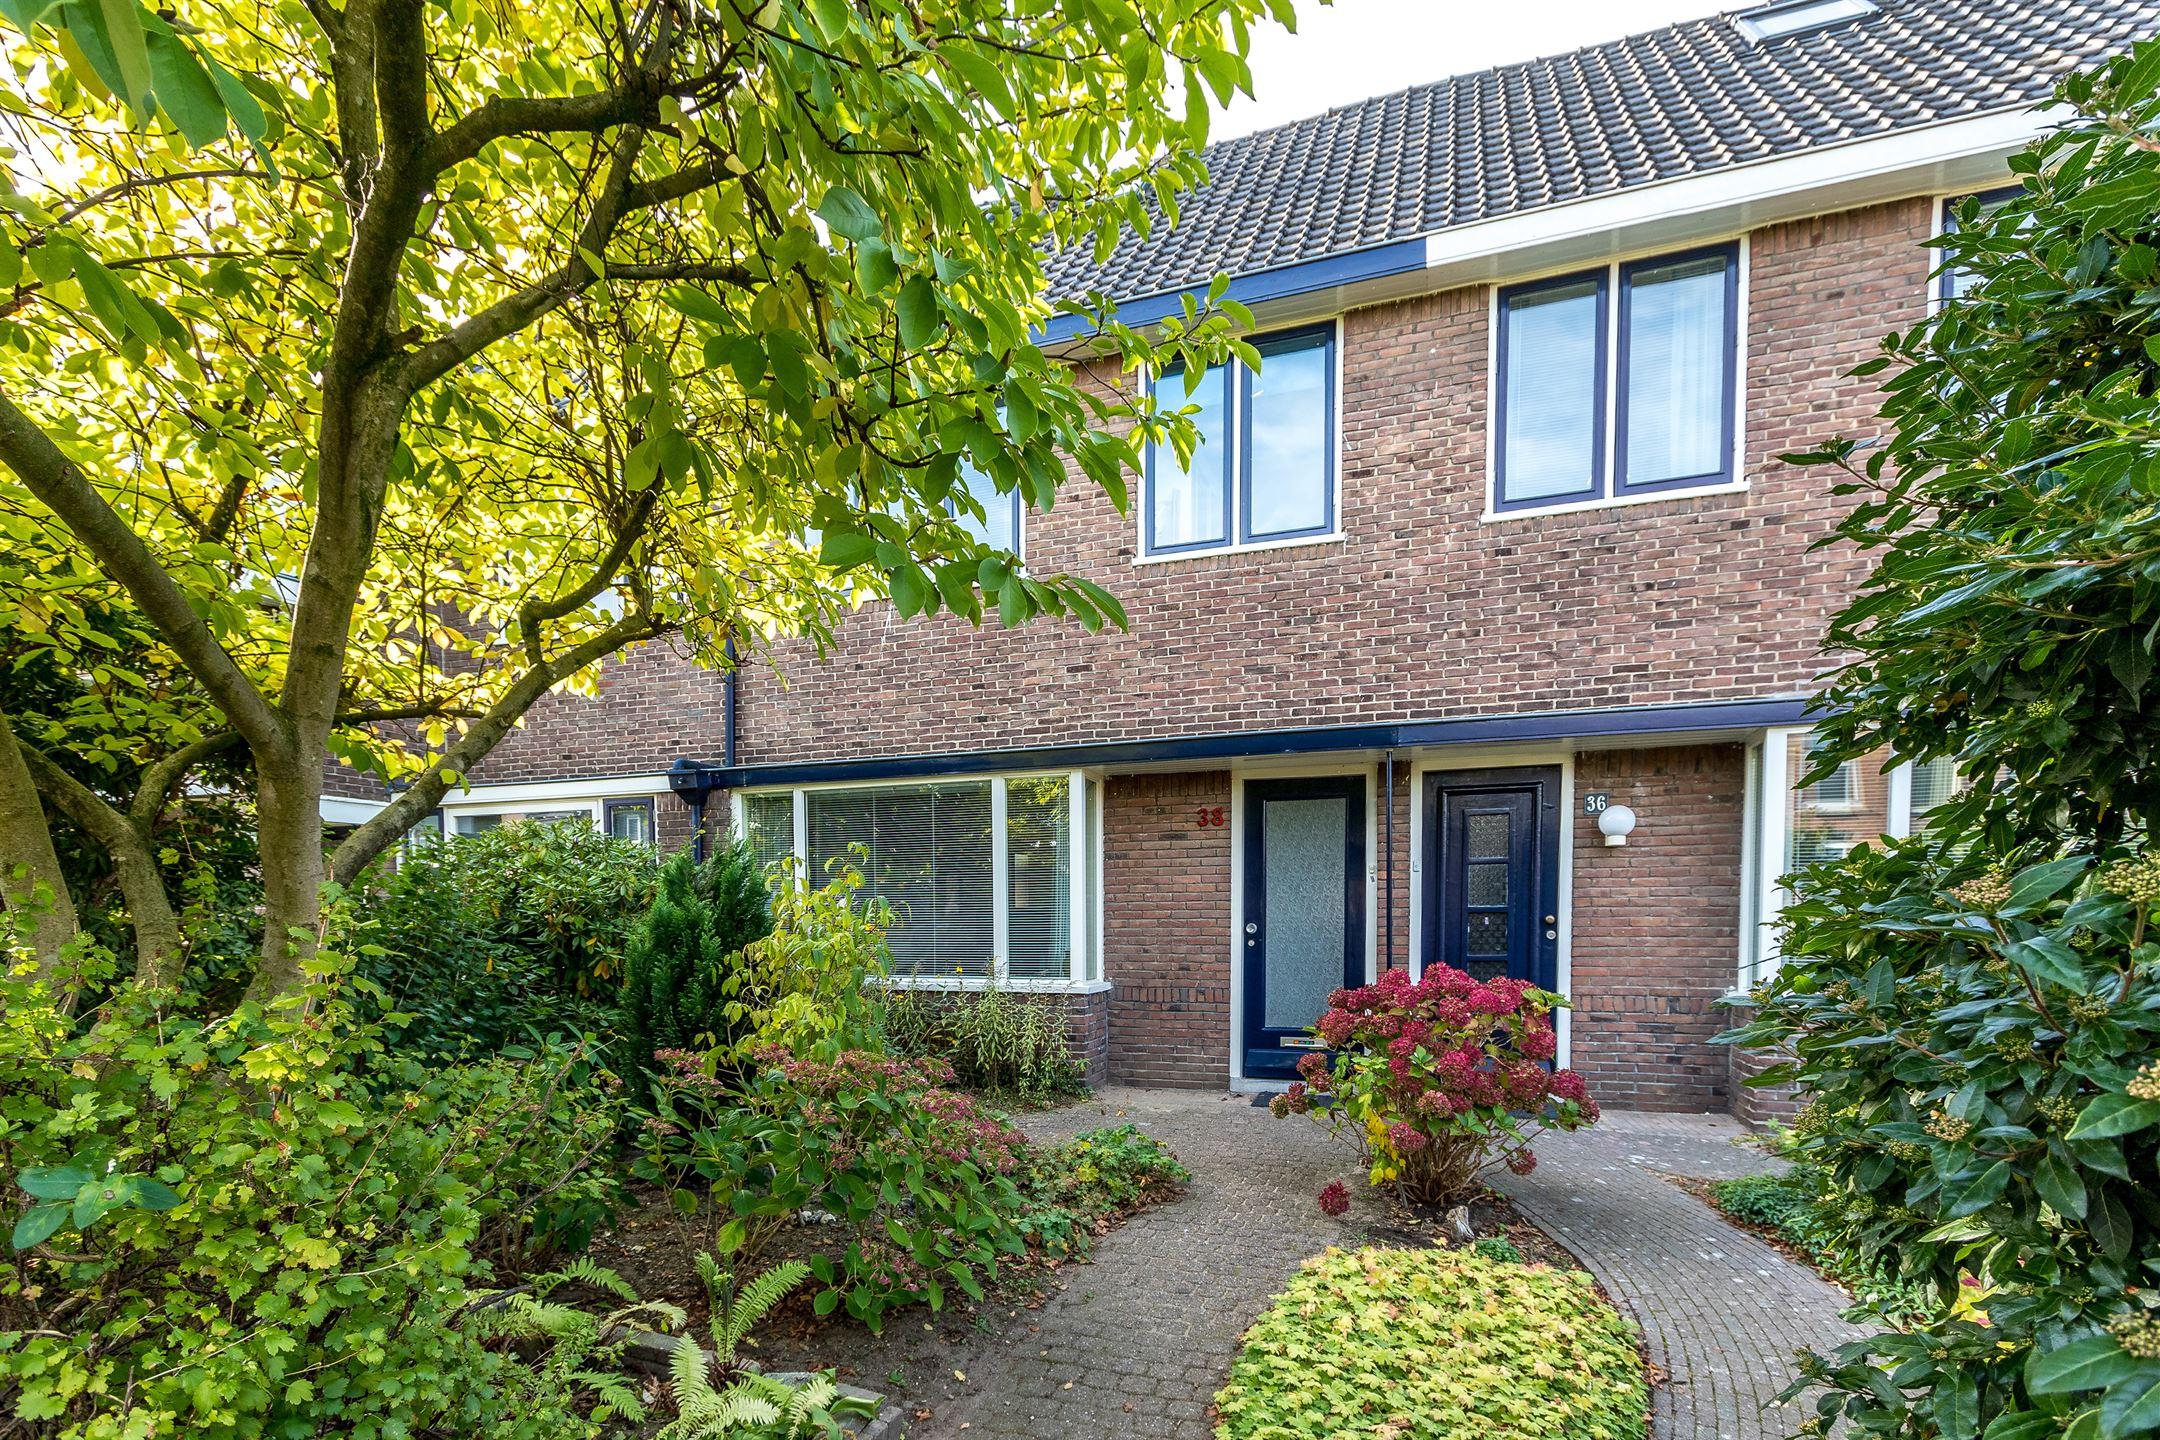 Huis te koop wezenlaan 38 6531 ms nijmegen funda for Huis te koop in nijmegen